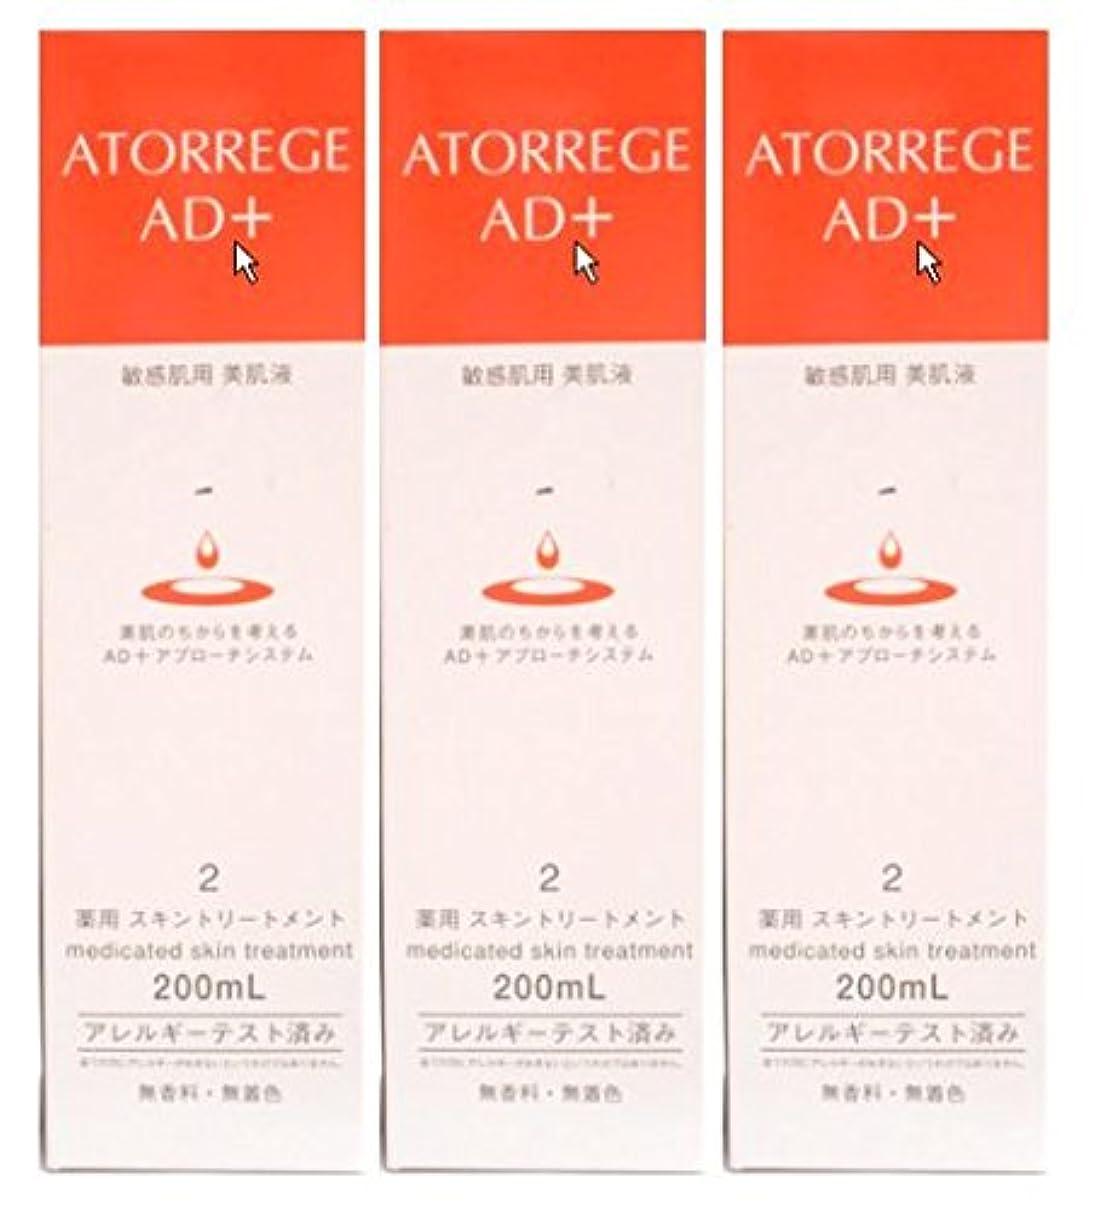 シマウマシマウマスキーム(お買い得3本セット)アトレージュ AD+薬用スキントリートメント 200ml(敏感肌用化粧水)(医薬部外品)